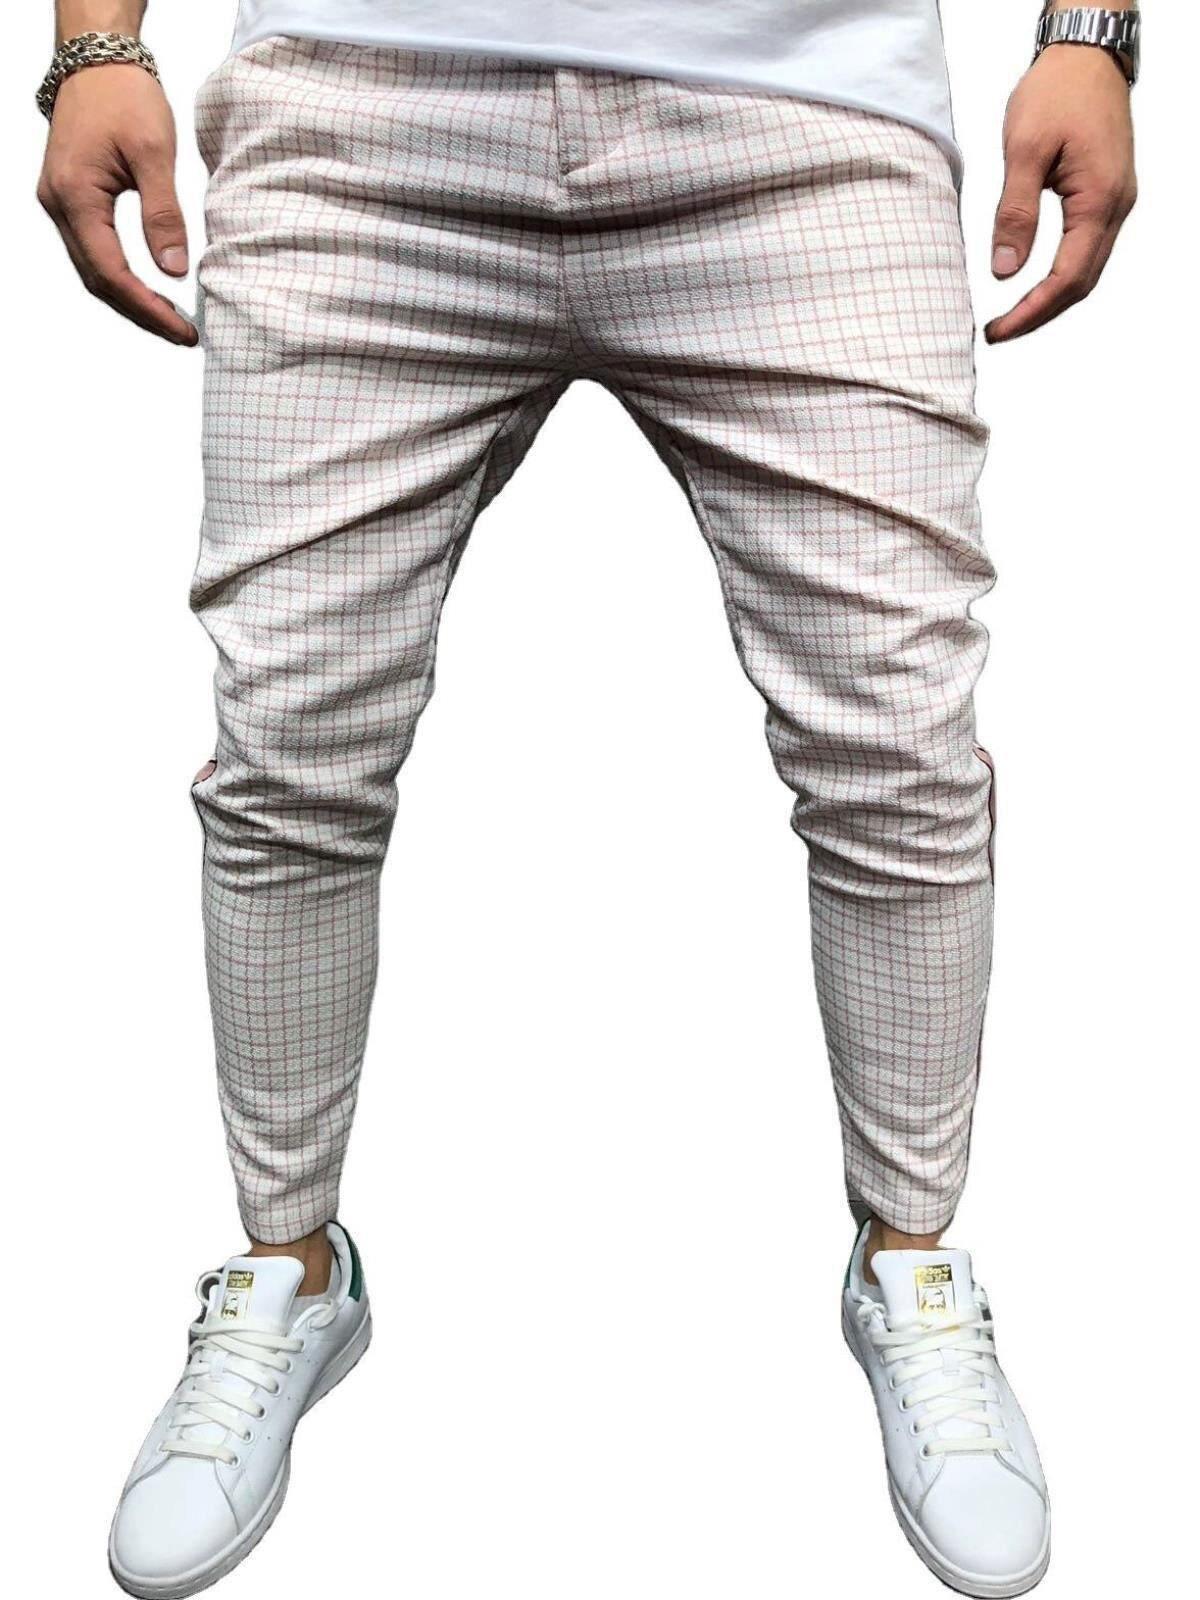 Men's Pants Japanese and Korean Plaid Pants Hip Hop Slim Casual Fashion Pants Men's Sports Pants Punk Jogging Pants